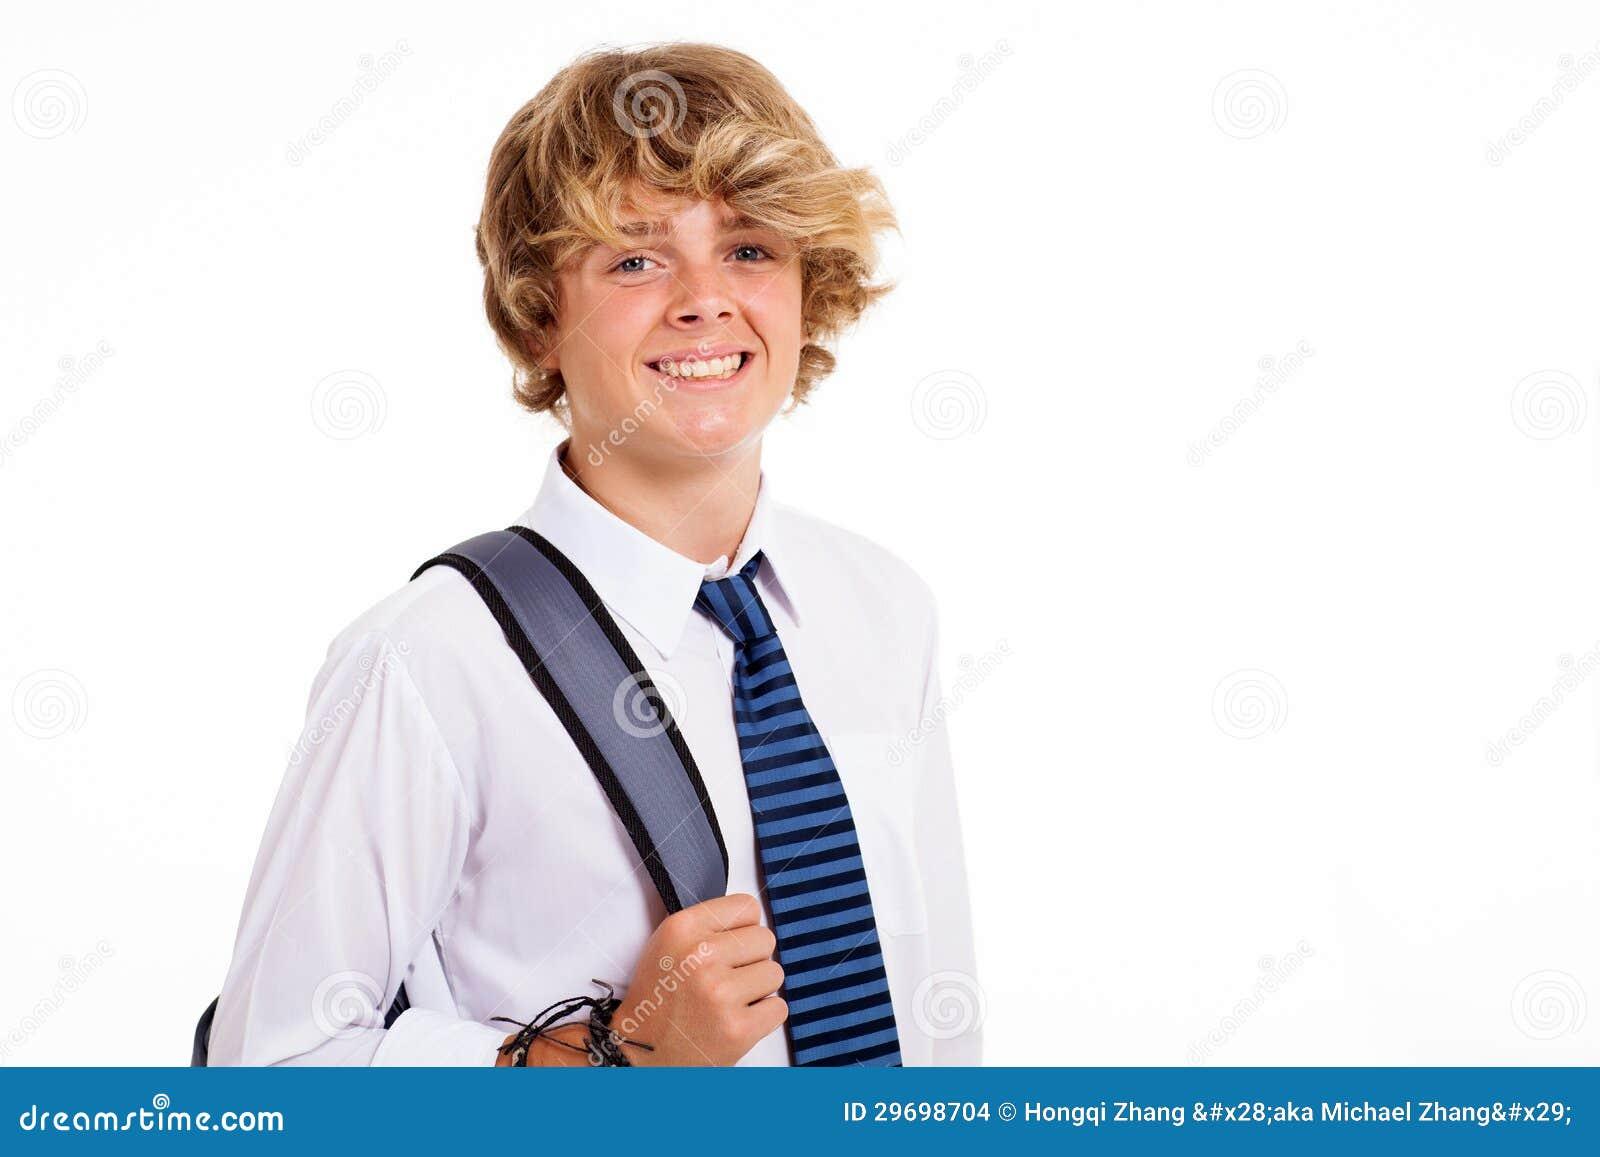 estudante-adolescente-da-escola-29698704